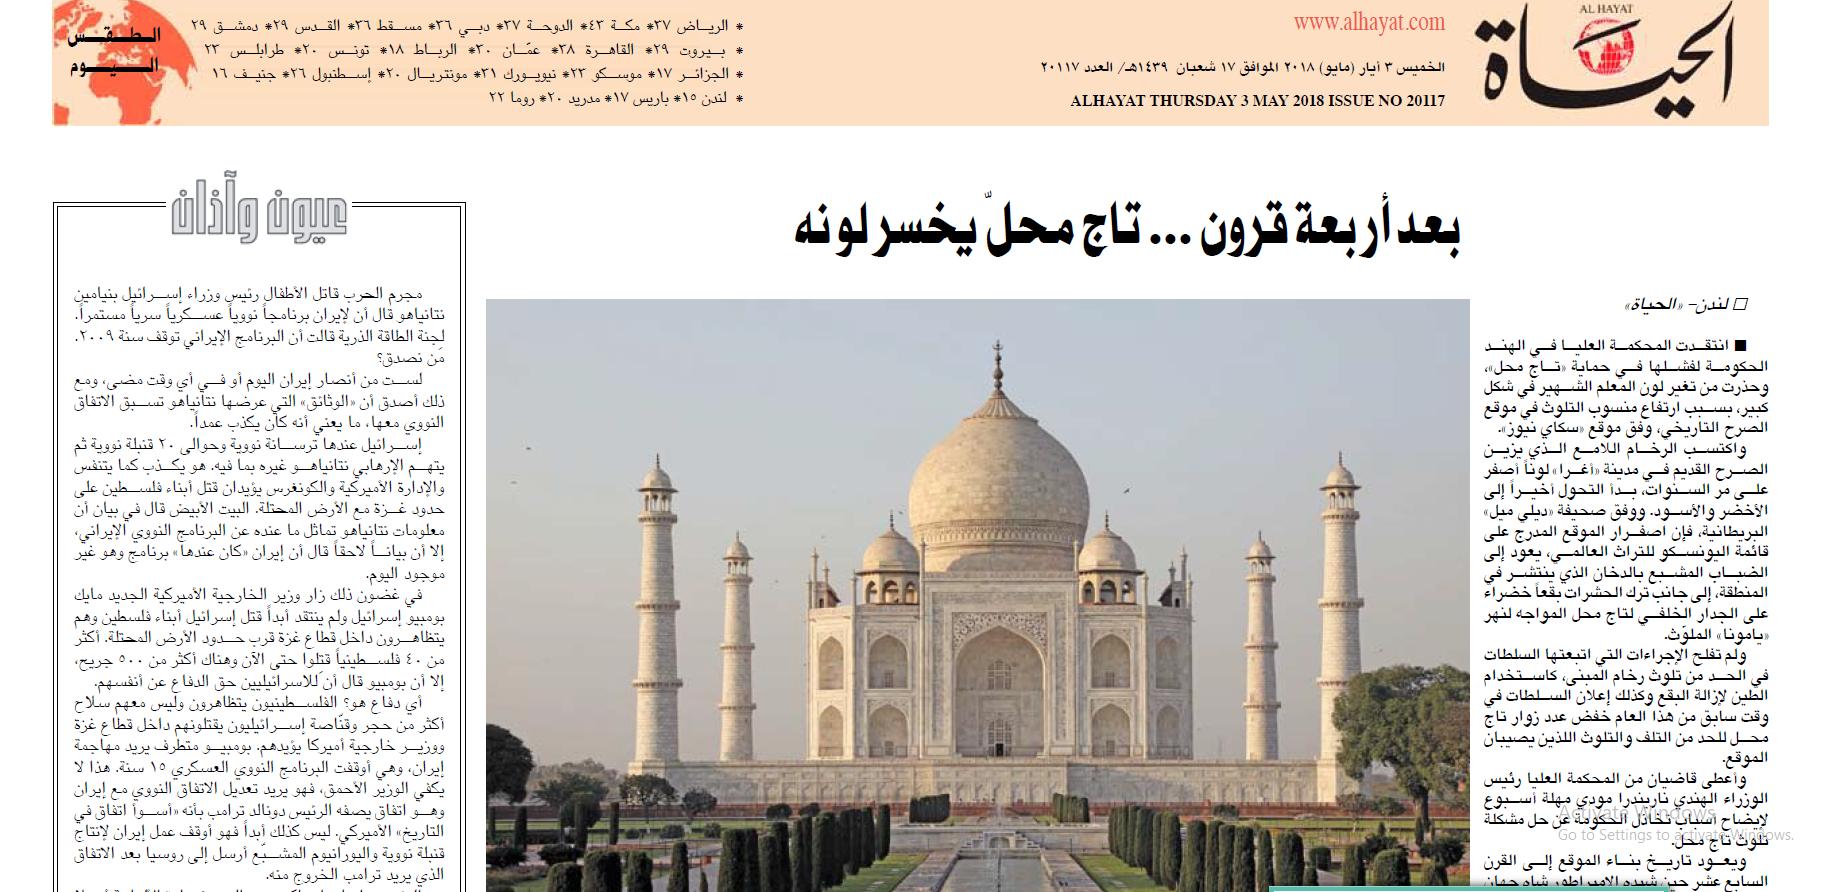 الحیاۃ : چار صدیوں بعد تاج محل کی چمک پھیکی پڑرہی ہے